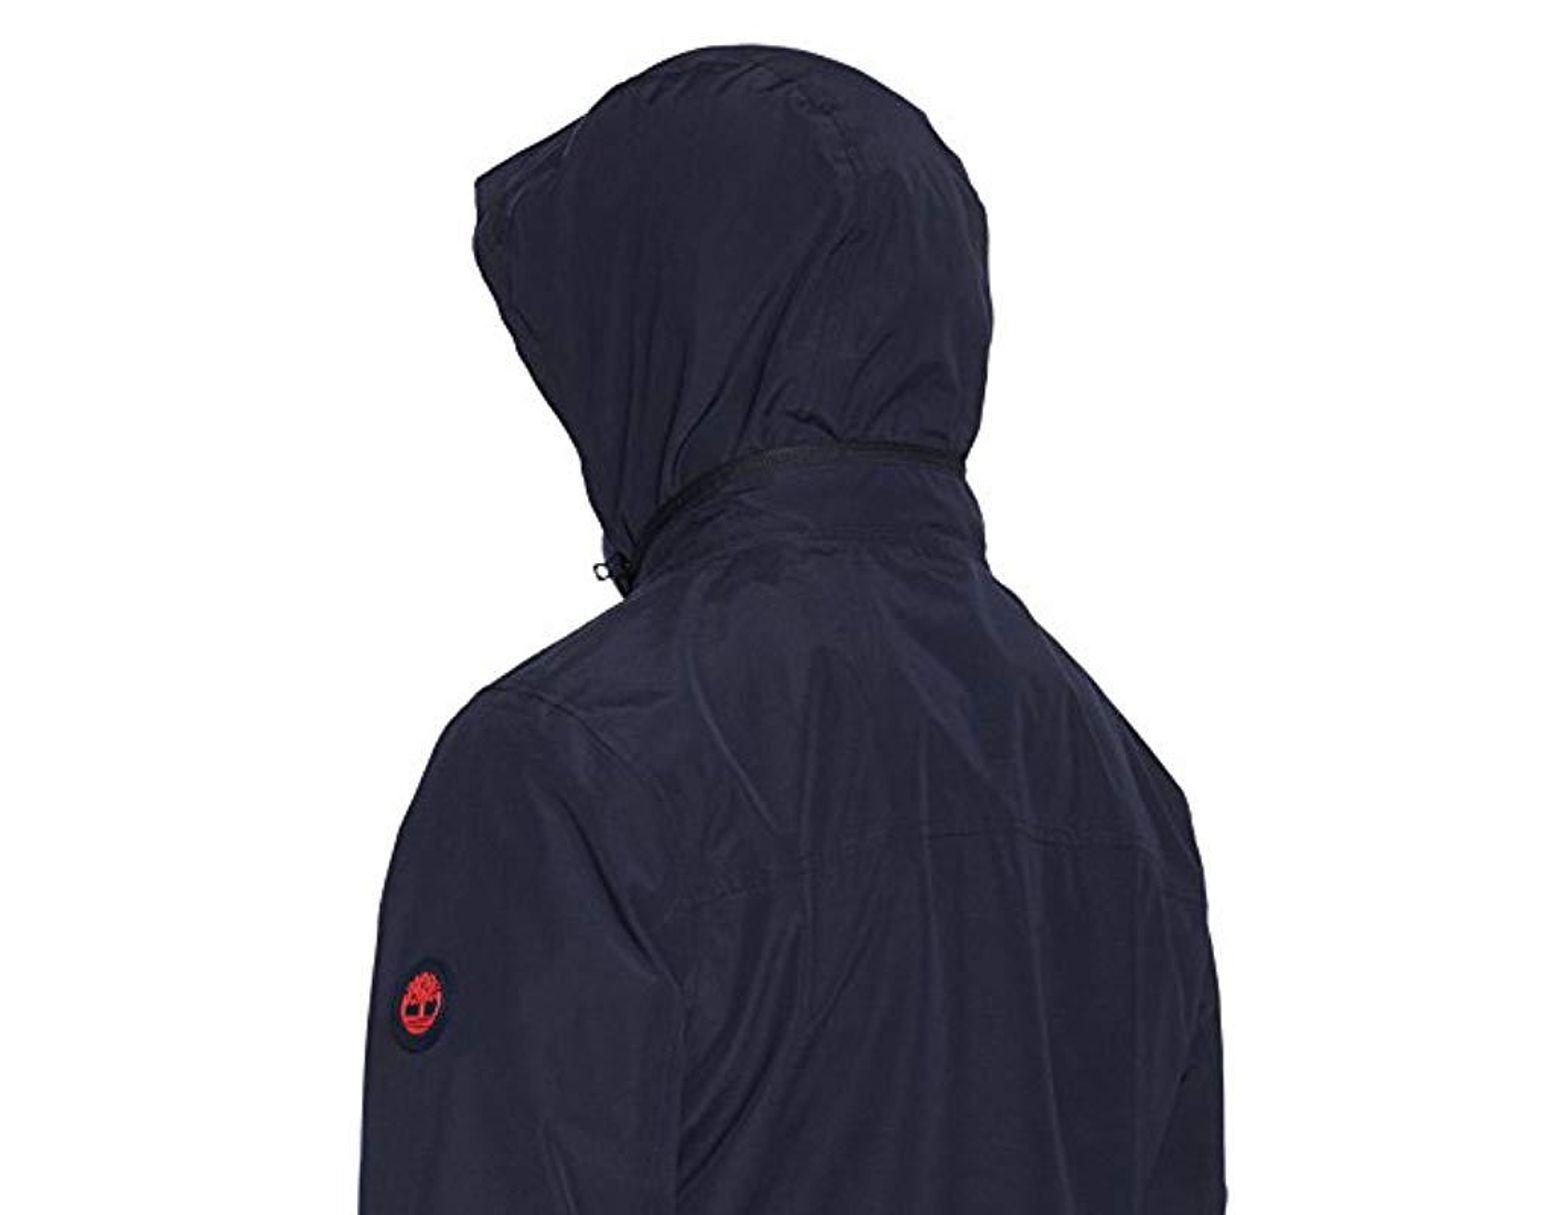 Kearsage Sailor Men's Bomber Blue Jacket Mount jq53L4AR